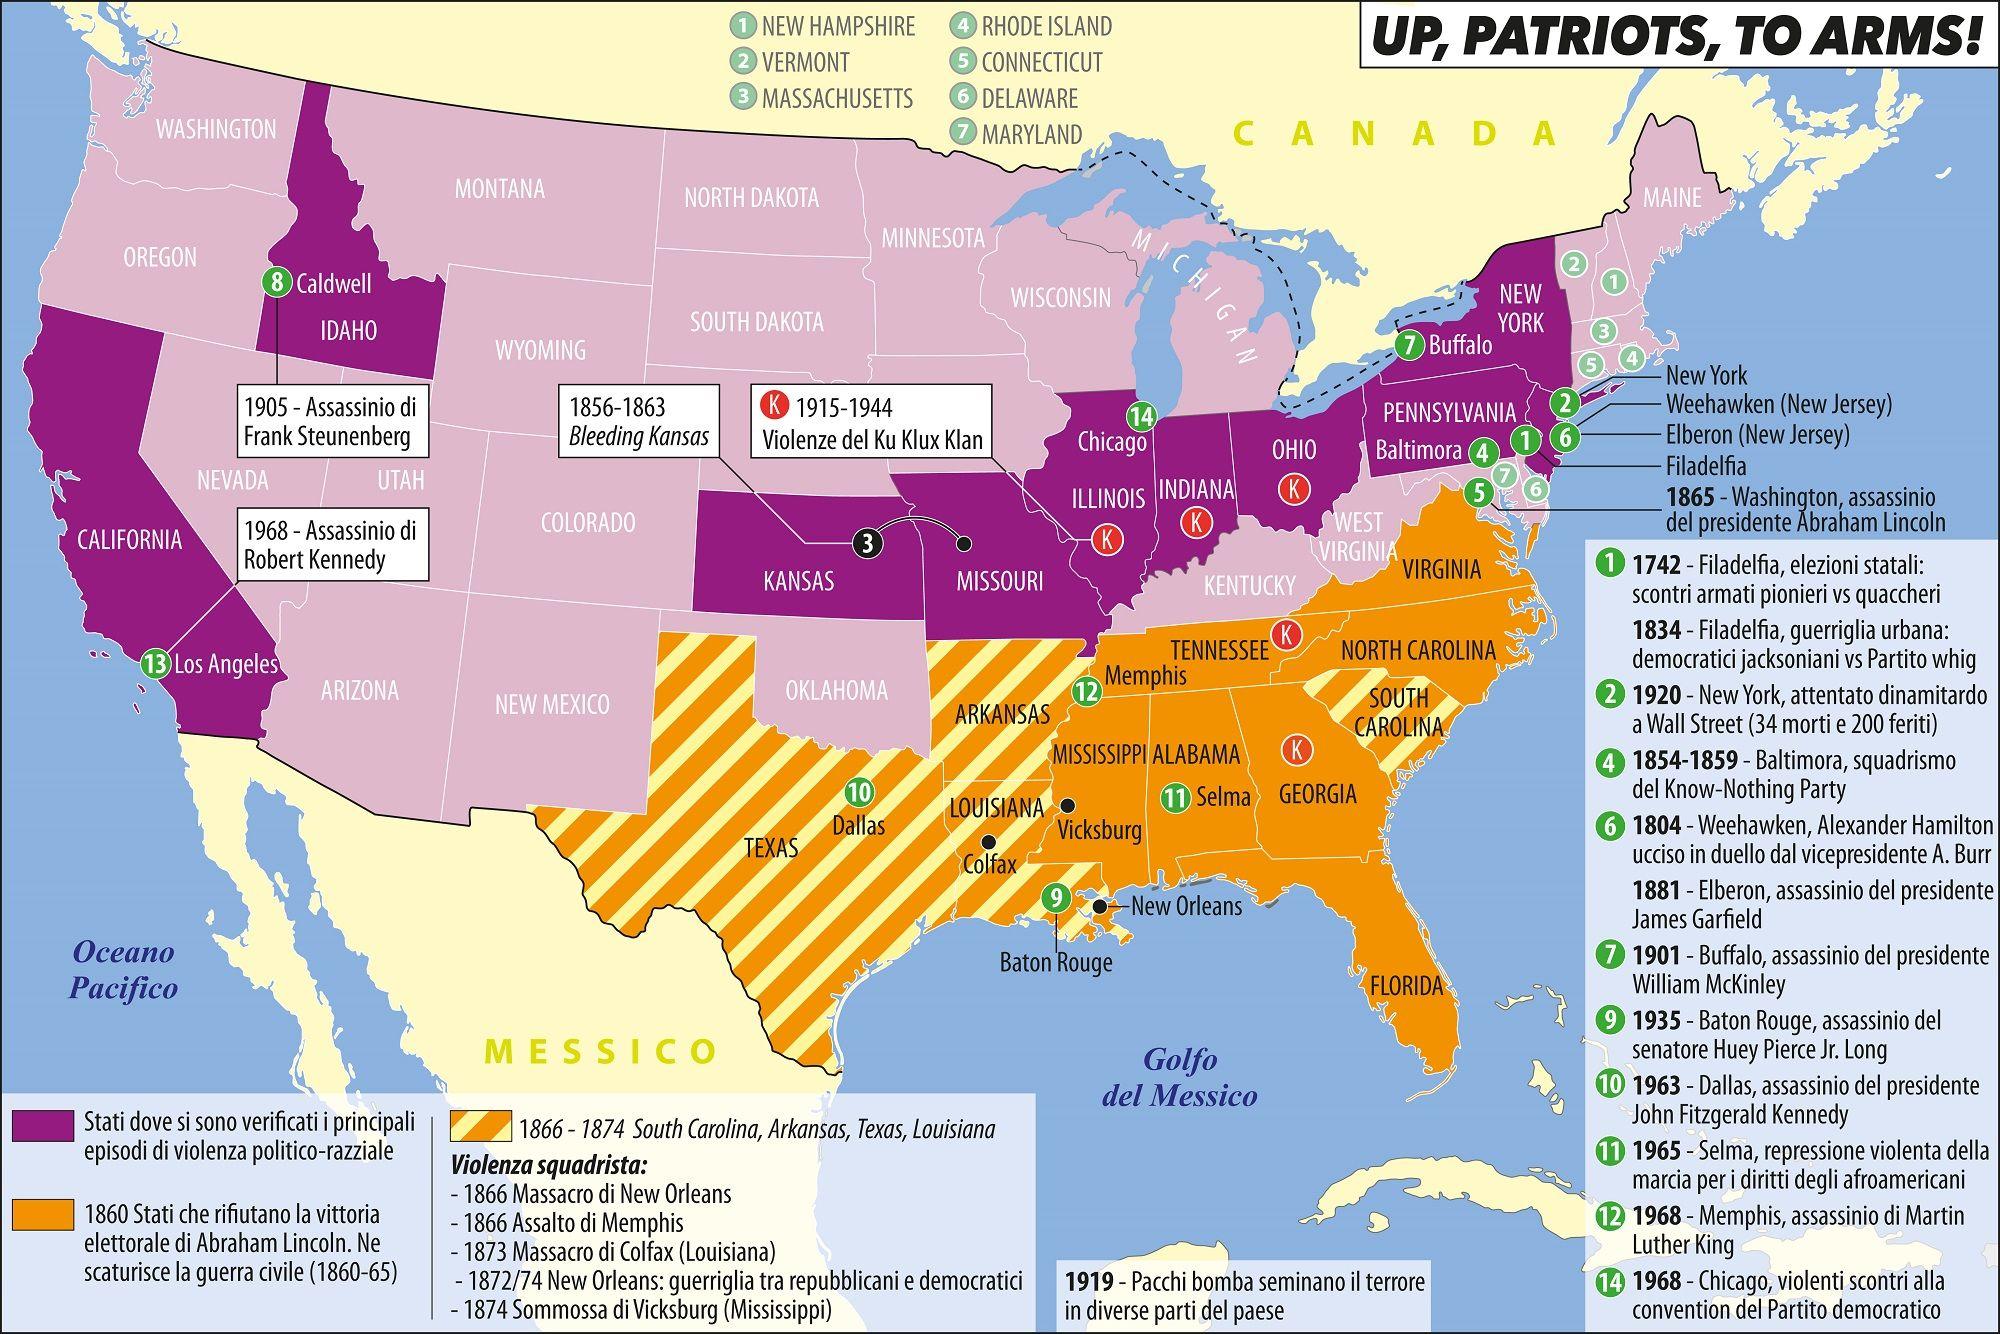 Maronta-Up, patriots, to arms! (1)